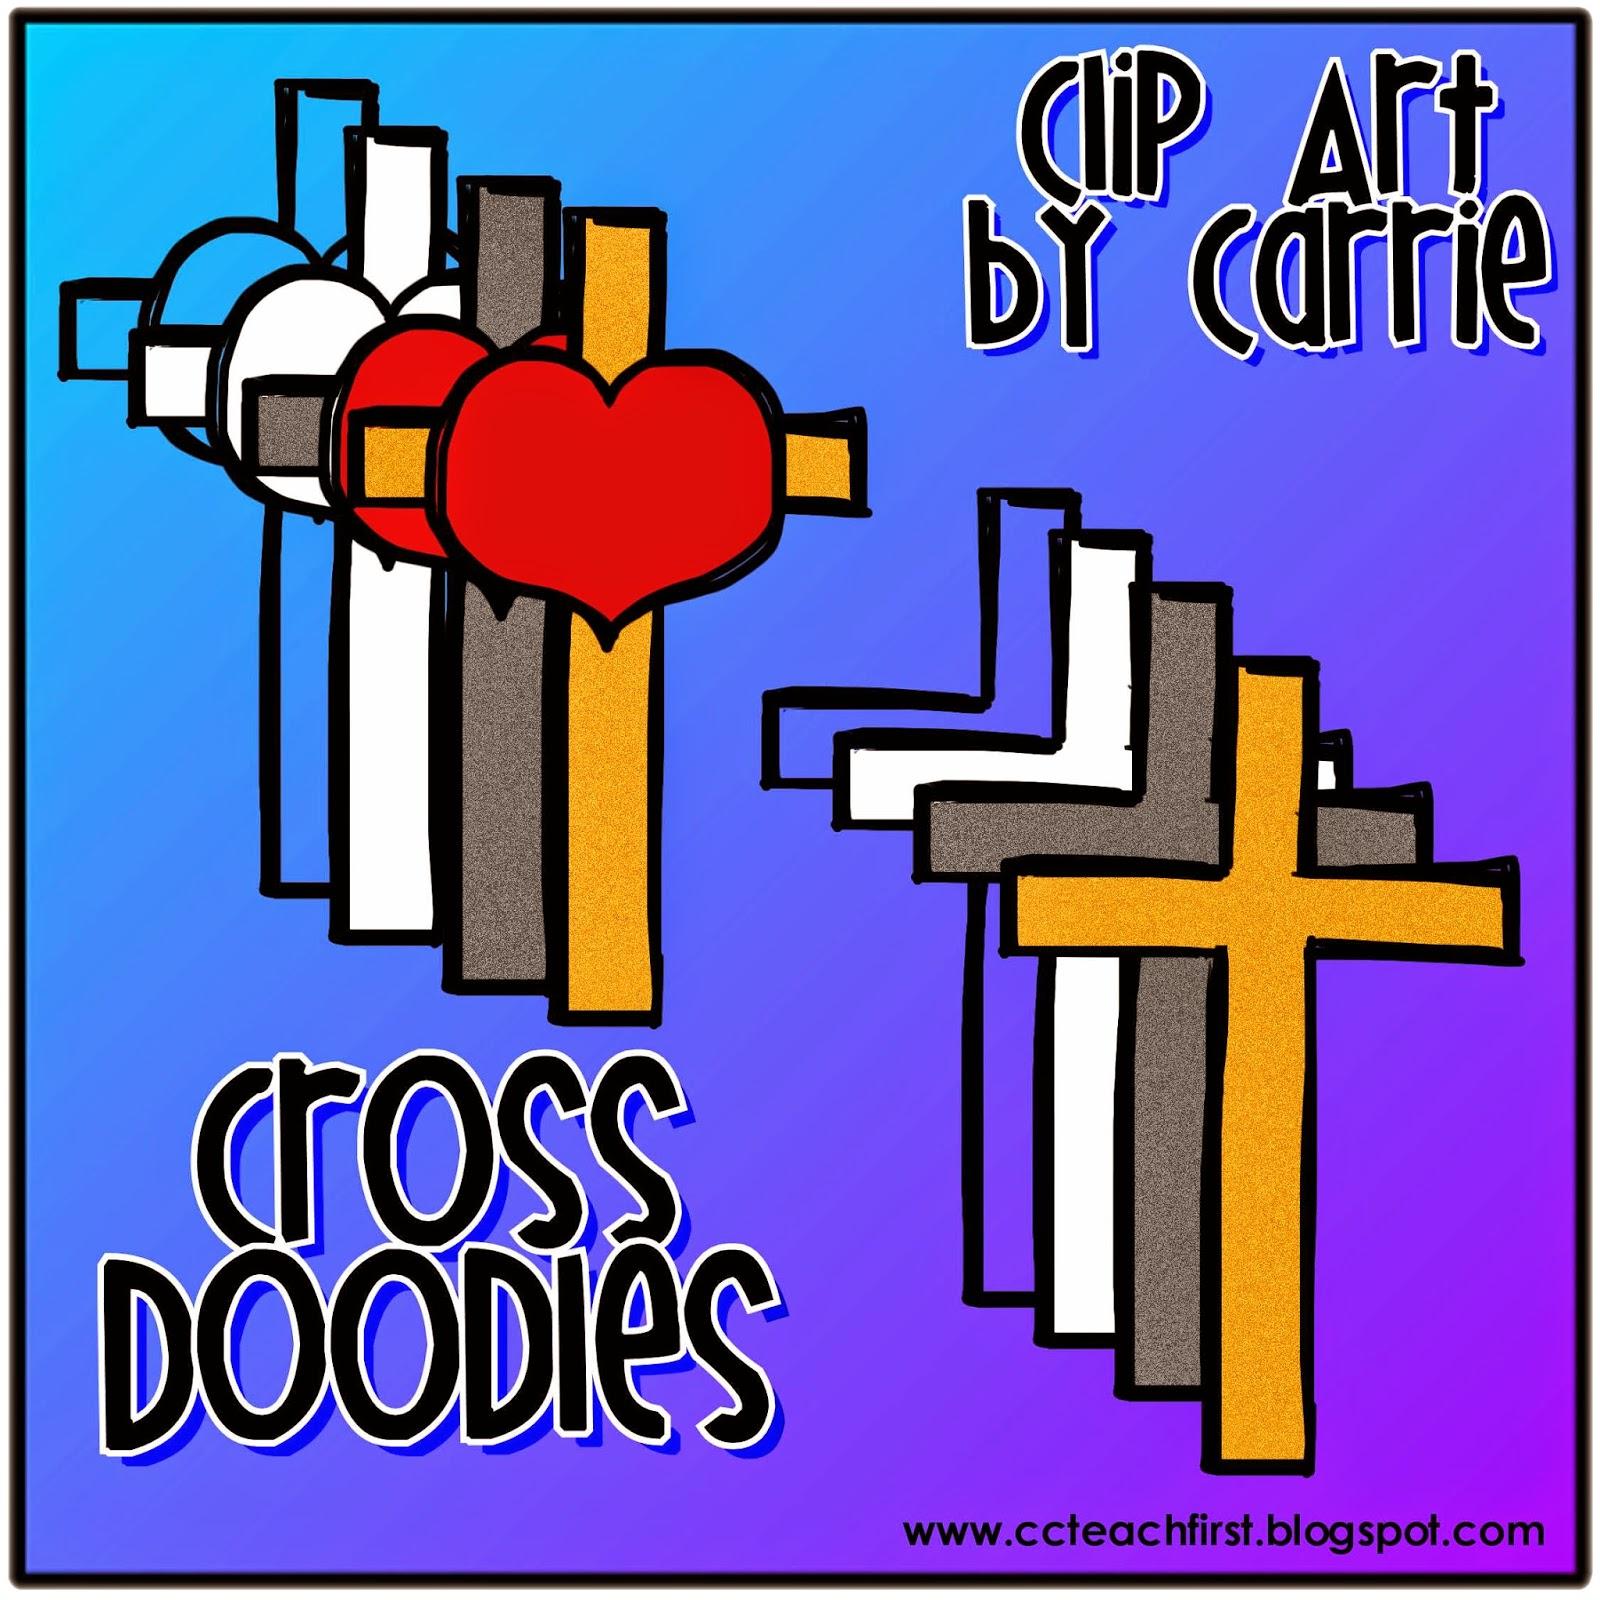 http://2.bp.blogspot.com/-__erzo2ZAbY/VF_3naJMDWI/AAAAAAAADbo/5h80Q39AE10/s1600/Cross%2BDoodles.jpg